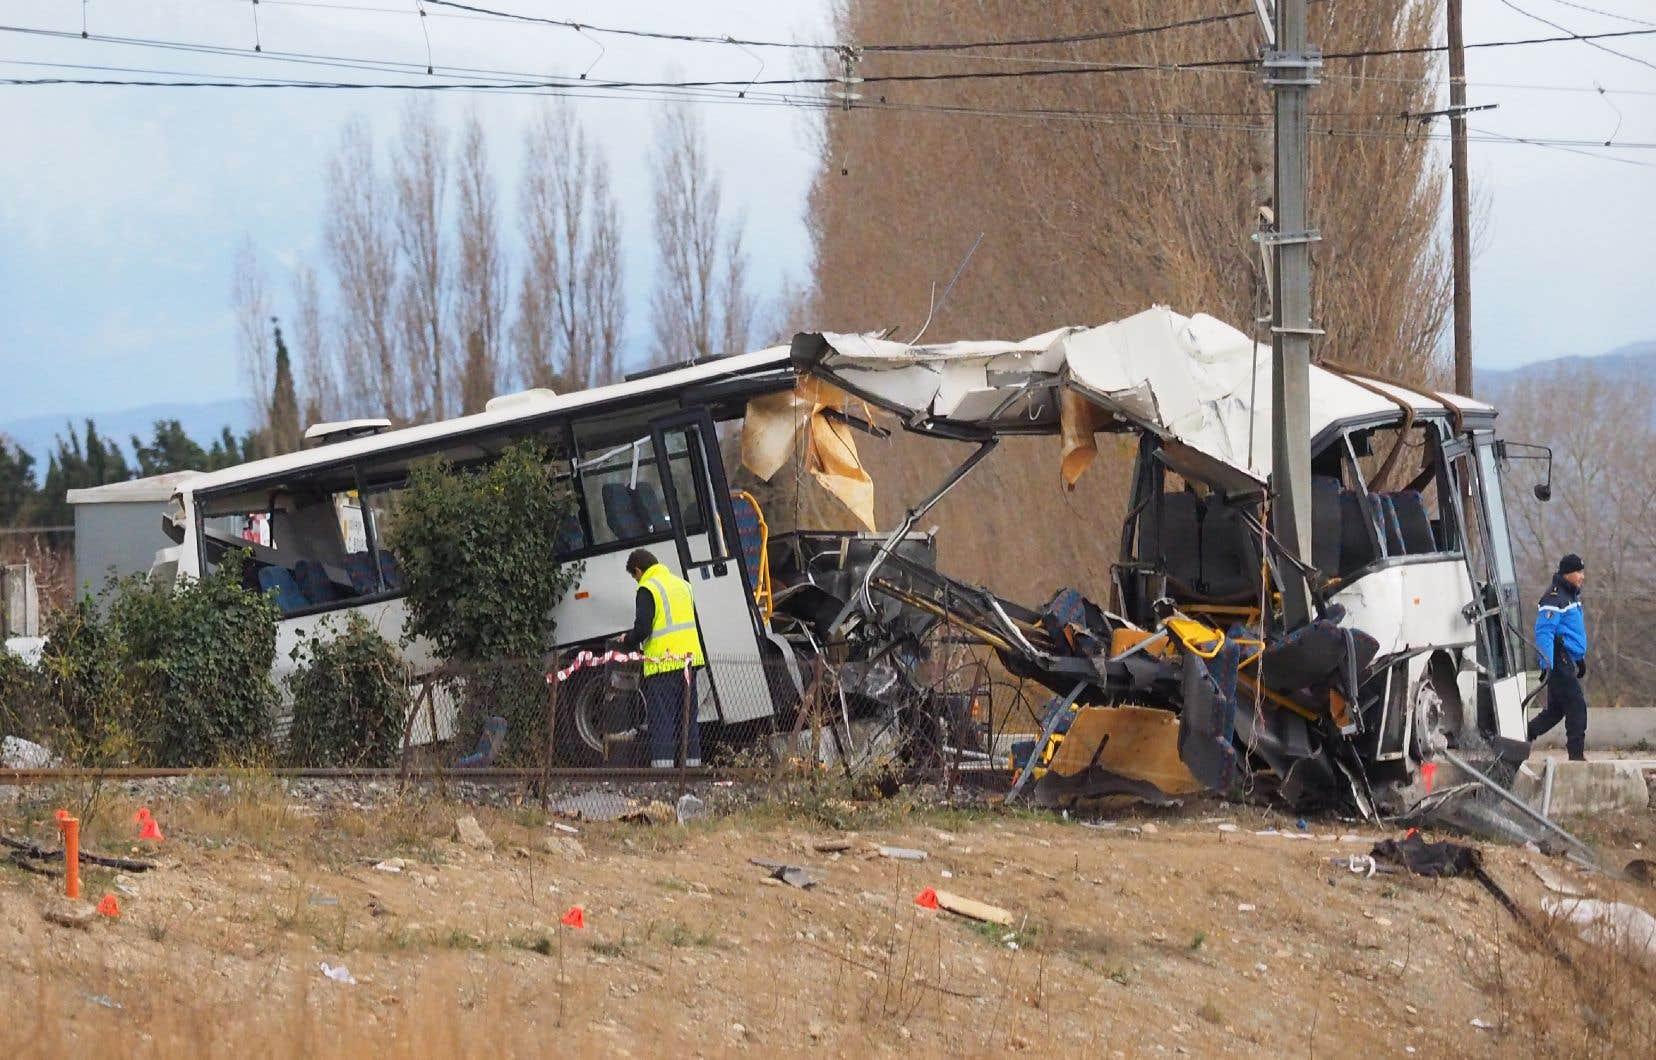 <p>L'autobus scolaire, qui transportait une vingtaine d'adolescents, a été percuté à un passage à niveau et a littéralement coupé en deux.</p>